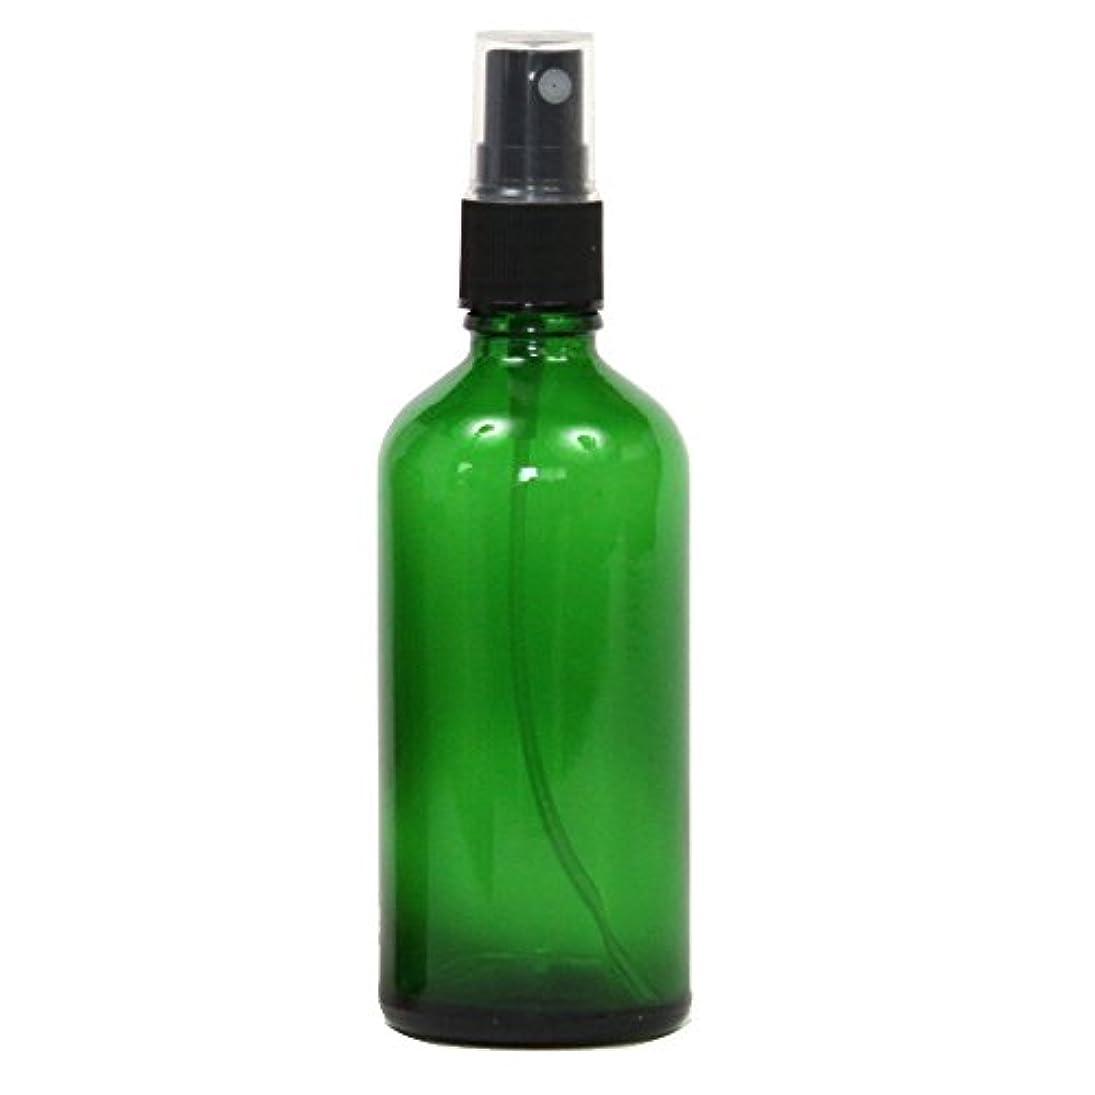 混乱した絡み合い離れたスプレーボトル ガラス瓶 100mL 【グリーン 緑色】 遮光性 ガラスアトマイザー 空容器gr100g